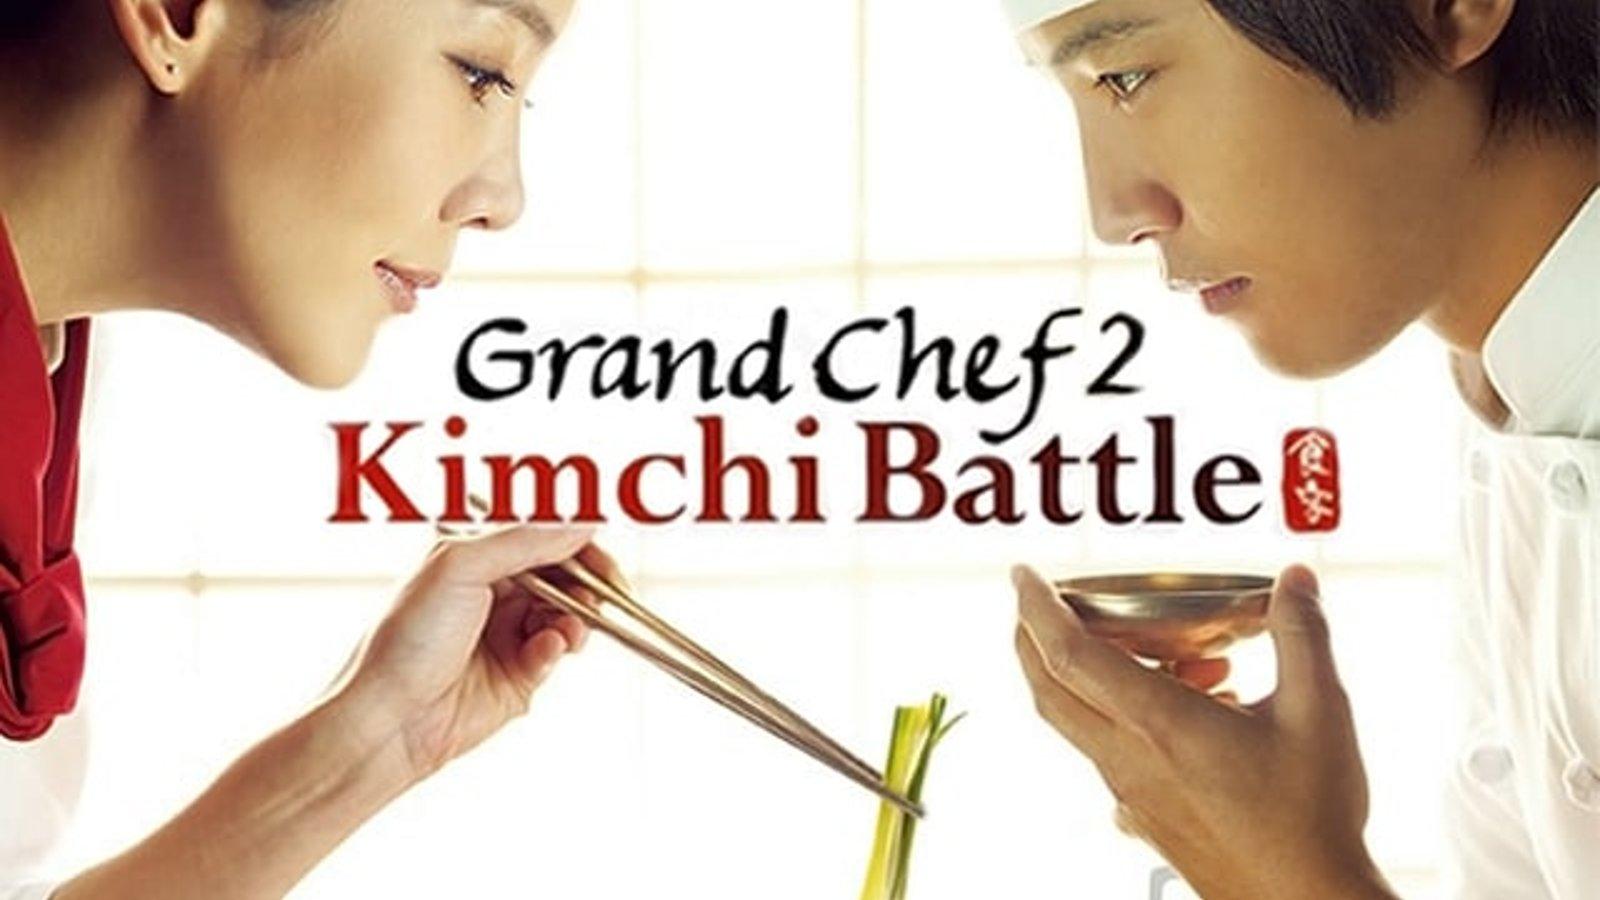 Le Grand Chef 2 - Kimchi Battle